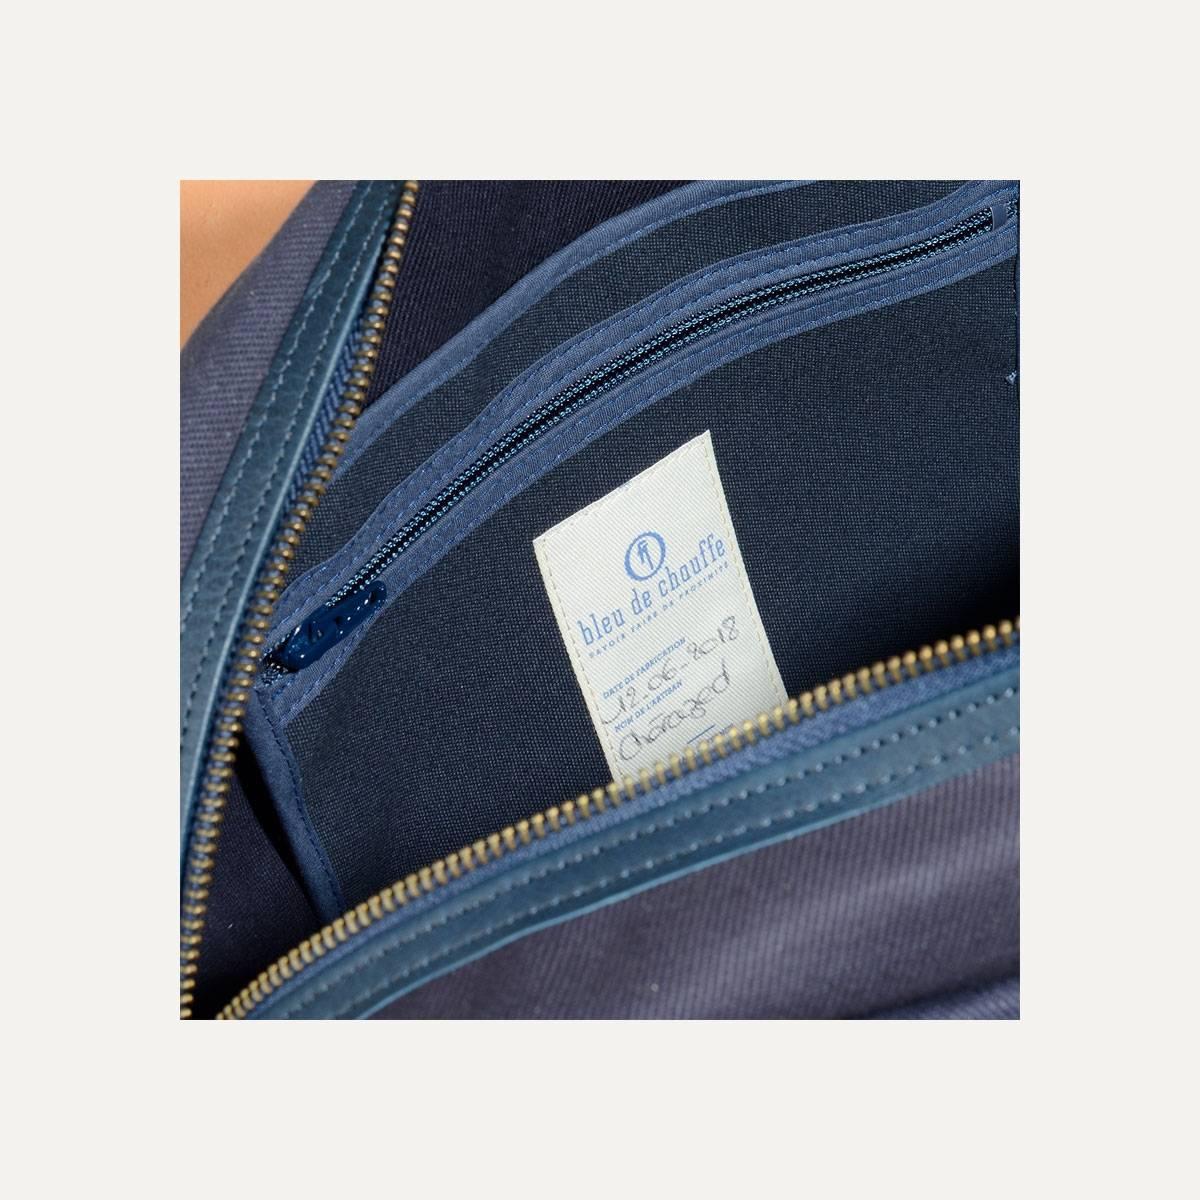 Uzu Belt bag - Navy blue / Natural (image n°5)